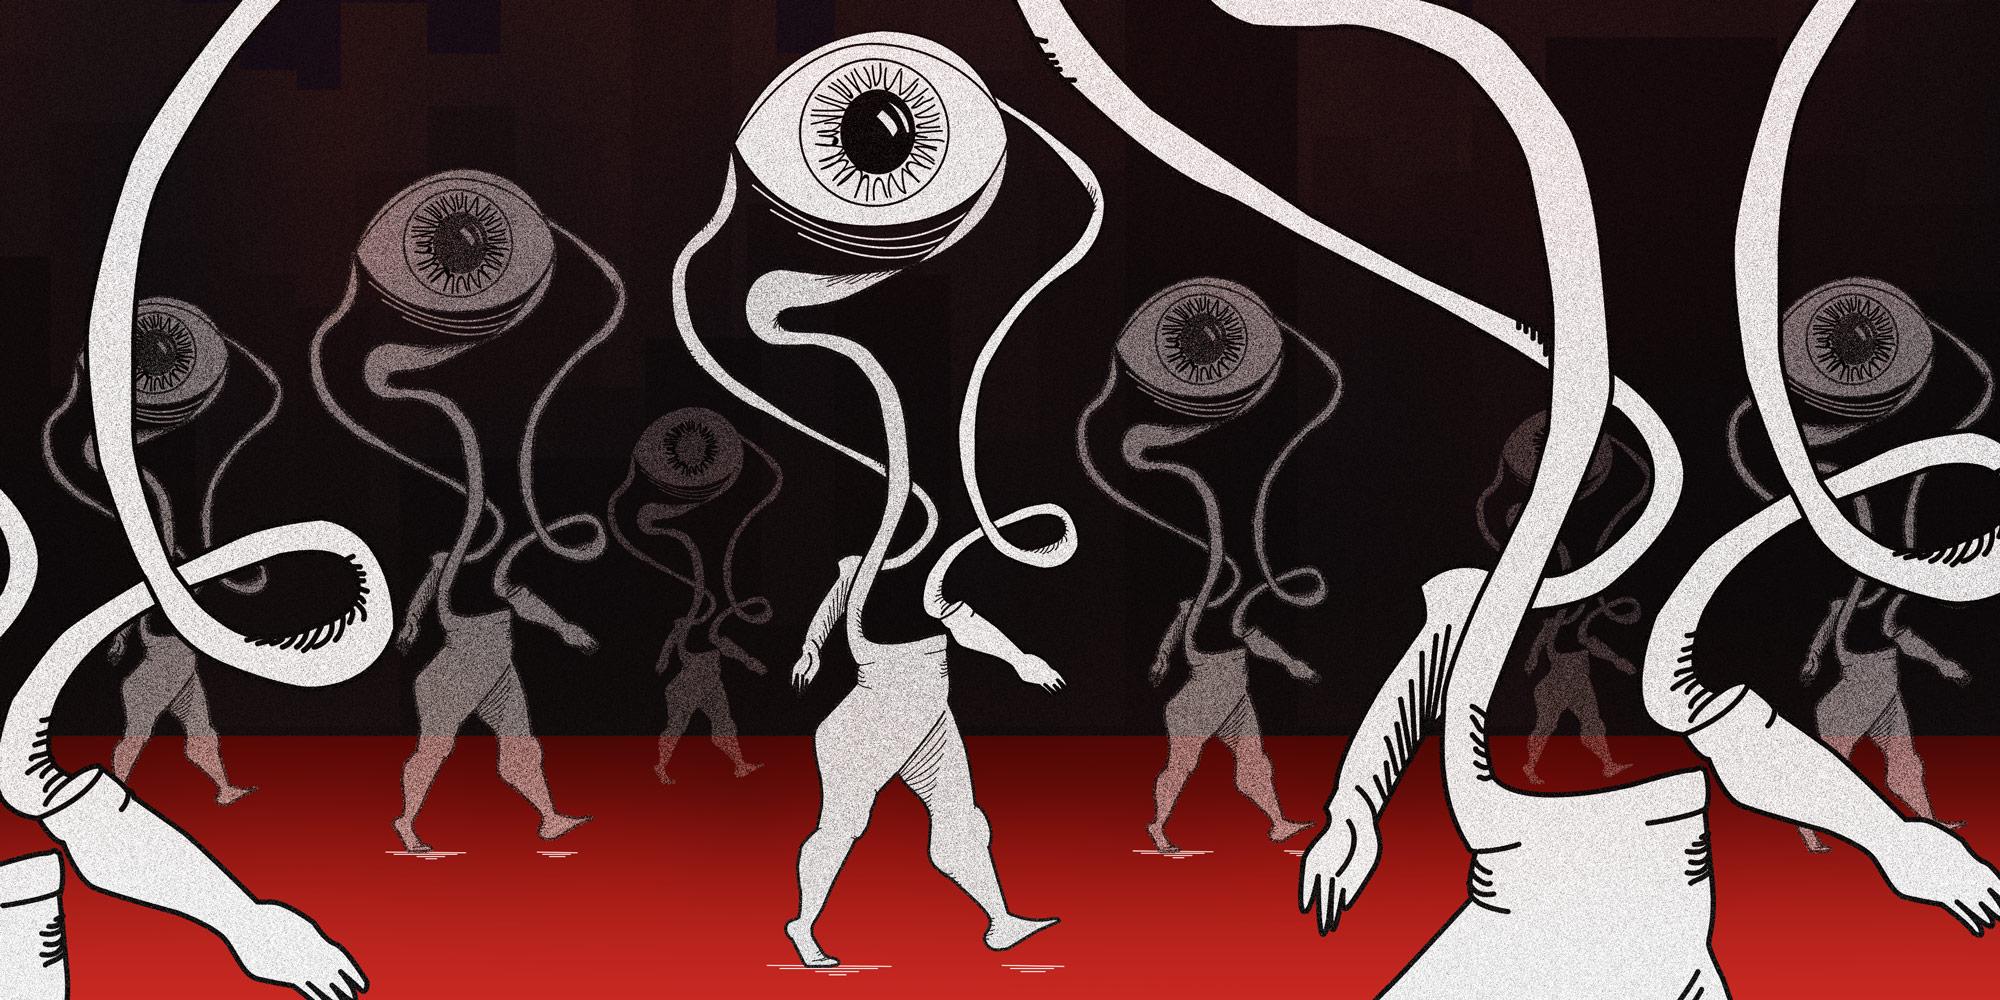 1984 de Orwell fue publicada un día como hoy